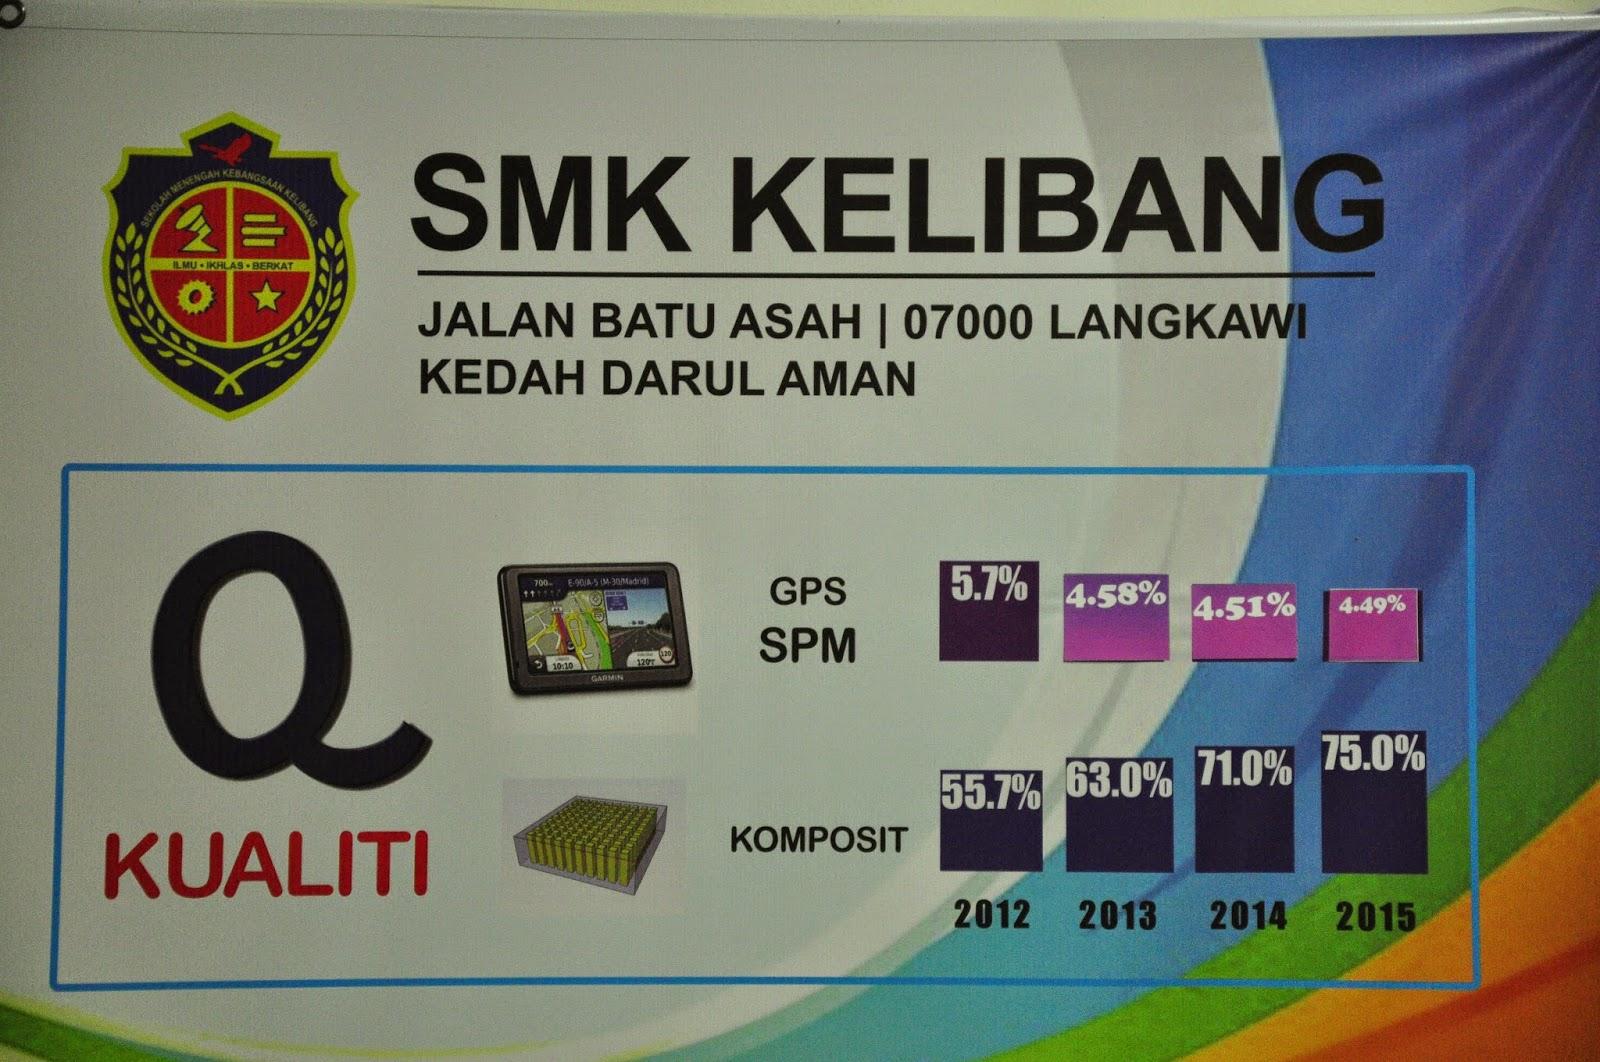 Advanced Rocketry in Kedah